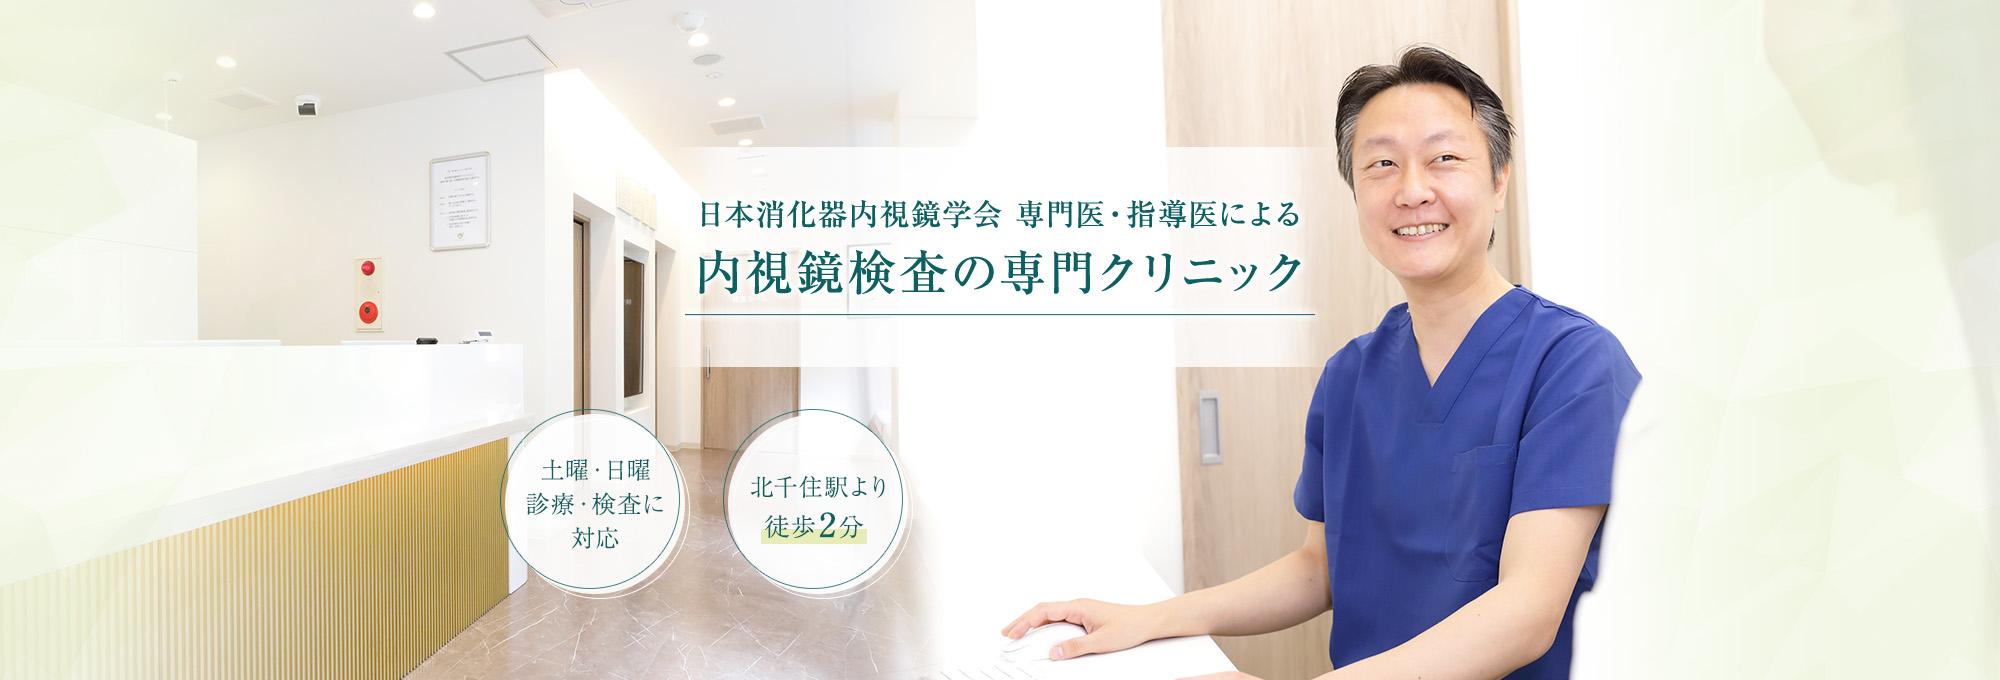 日本消化器内視鏡学会 専門医・指導医による内視鏡検査の専門クリニック